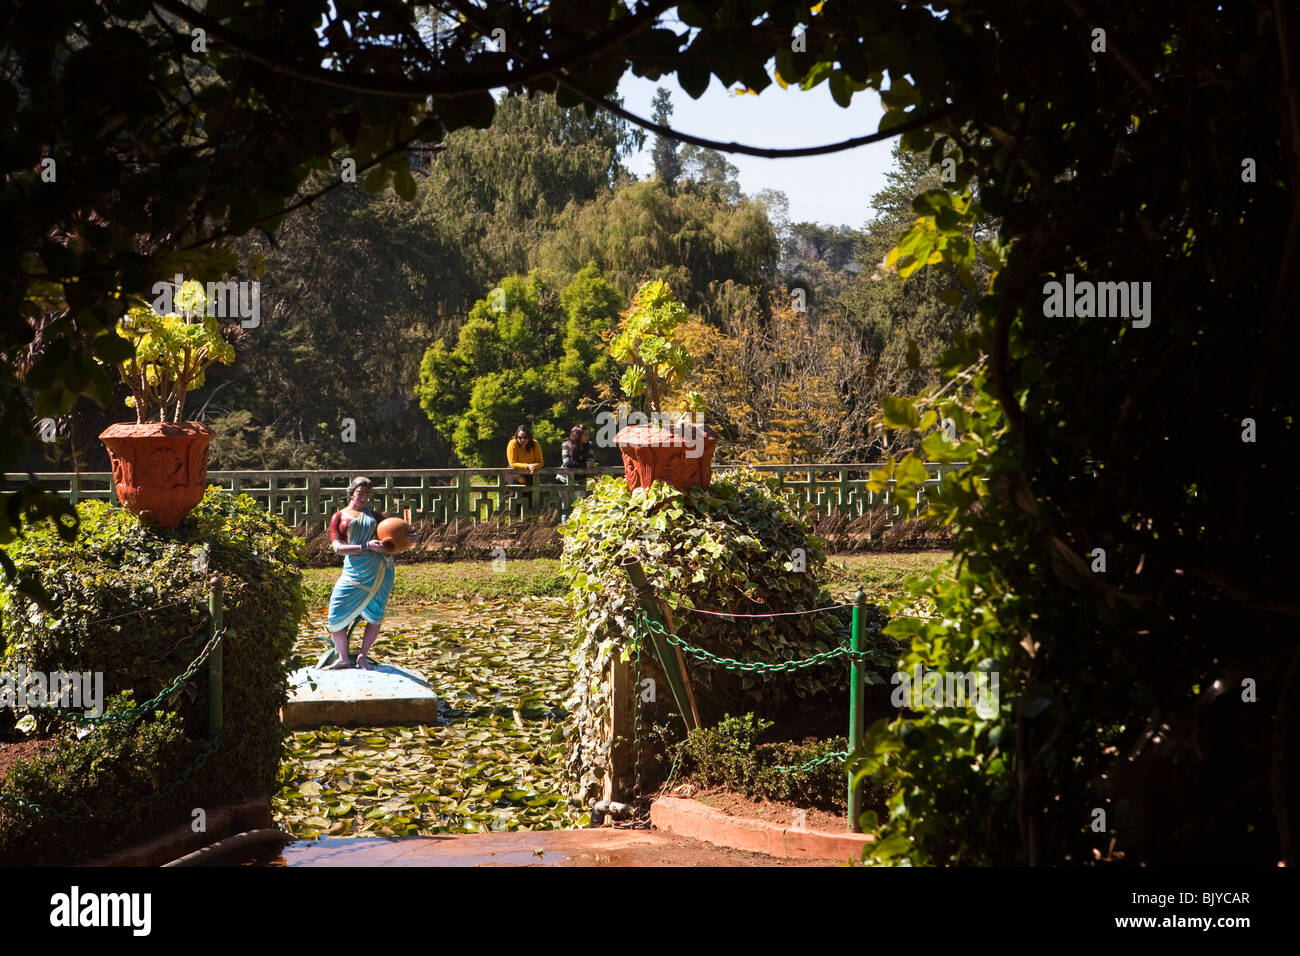 Indian Botanical Garden Stock Photos & Indian Botanical Garden Stock ...